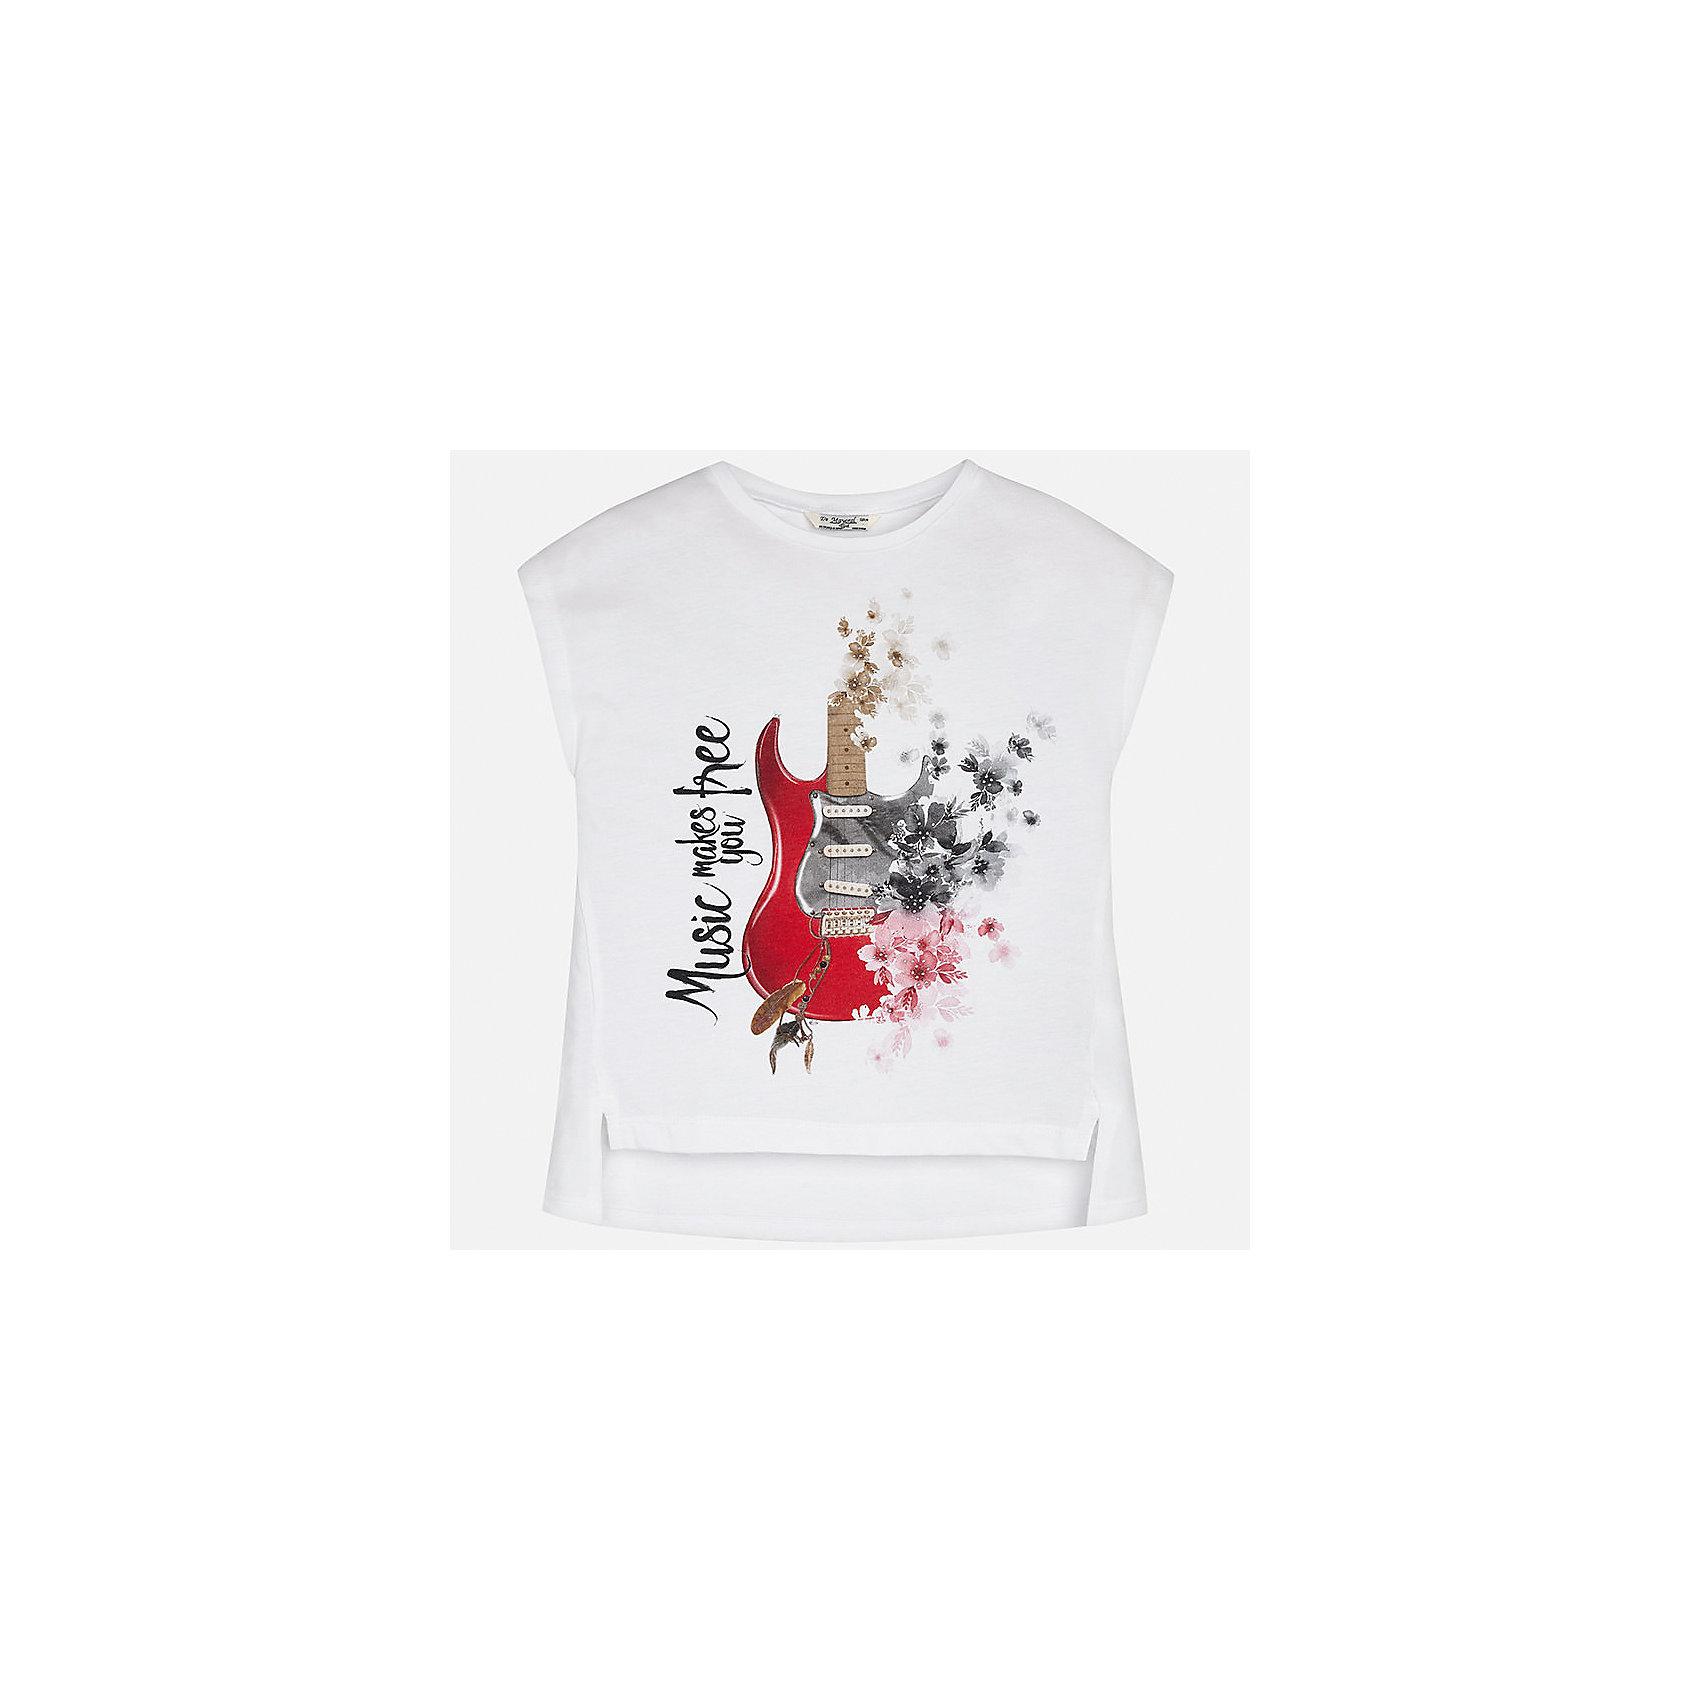 Футболка для девочки MayoralФутболки, поло и топы<br>Характеристики товара:<br><br>• цвет: белый<br>• состав: 50% хлопок, 50% полиэстер<br>• удлиненная спинка<br>• декорирована принтом<br>• без рукавов <br>• округлый горловой вырез<br>• страна бренда: Испания<br><br>Стильная качественная футболка для девочки поможет разнообразить гардероб ребенка и украсить наряд. Она отлично сочетается и с юбками, и с шортами, и с брюками. Универсальный цвет позволяет подобрать к вещи низ практически любой расцветки. Интересная отделка модели делает её нарядной и оригинальной. В составе материала есть натуральный хлопок, гипоаллергенный, приятный на ощупь, дышащий.<br><br>Одежда, обувь и аксессуары от испанского бренда Mayoral полюбились детям и взрослым по всему миру. Модели этой марки - стильные и удобные. Для их производства используются только безопасные, качественные материалы и фурнитура. Порадуйте ребенка модными и красивыми вещами от Mayoral! <br><br>Футболку для девочки от испанского бренда Mayoral (Майорал) можно купить в нашем интернет-магазине.<br><br>Ширина мм: 199<br>Глубина мм: 10<br>Высота мм: 161<br>Вес г: 151<br>Цвет: белый<br>Возраст от месяцев: 108<br>Возраст до месяцев: 120<br>Пол: Женский<br>Возраст: Детский<br>Размер: 140,170,128/134,152,158,164<br>SKU: 5292477